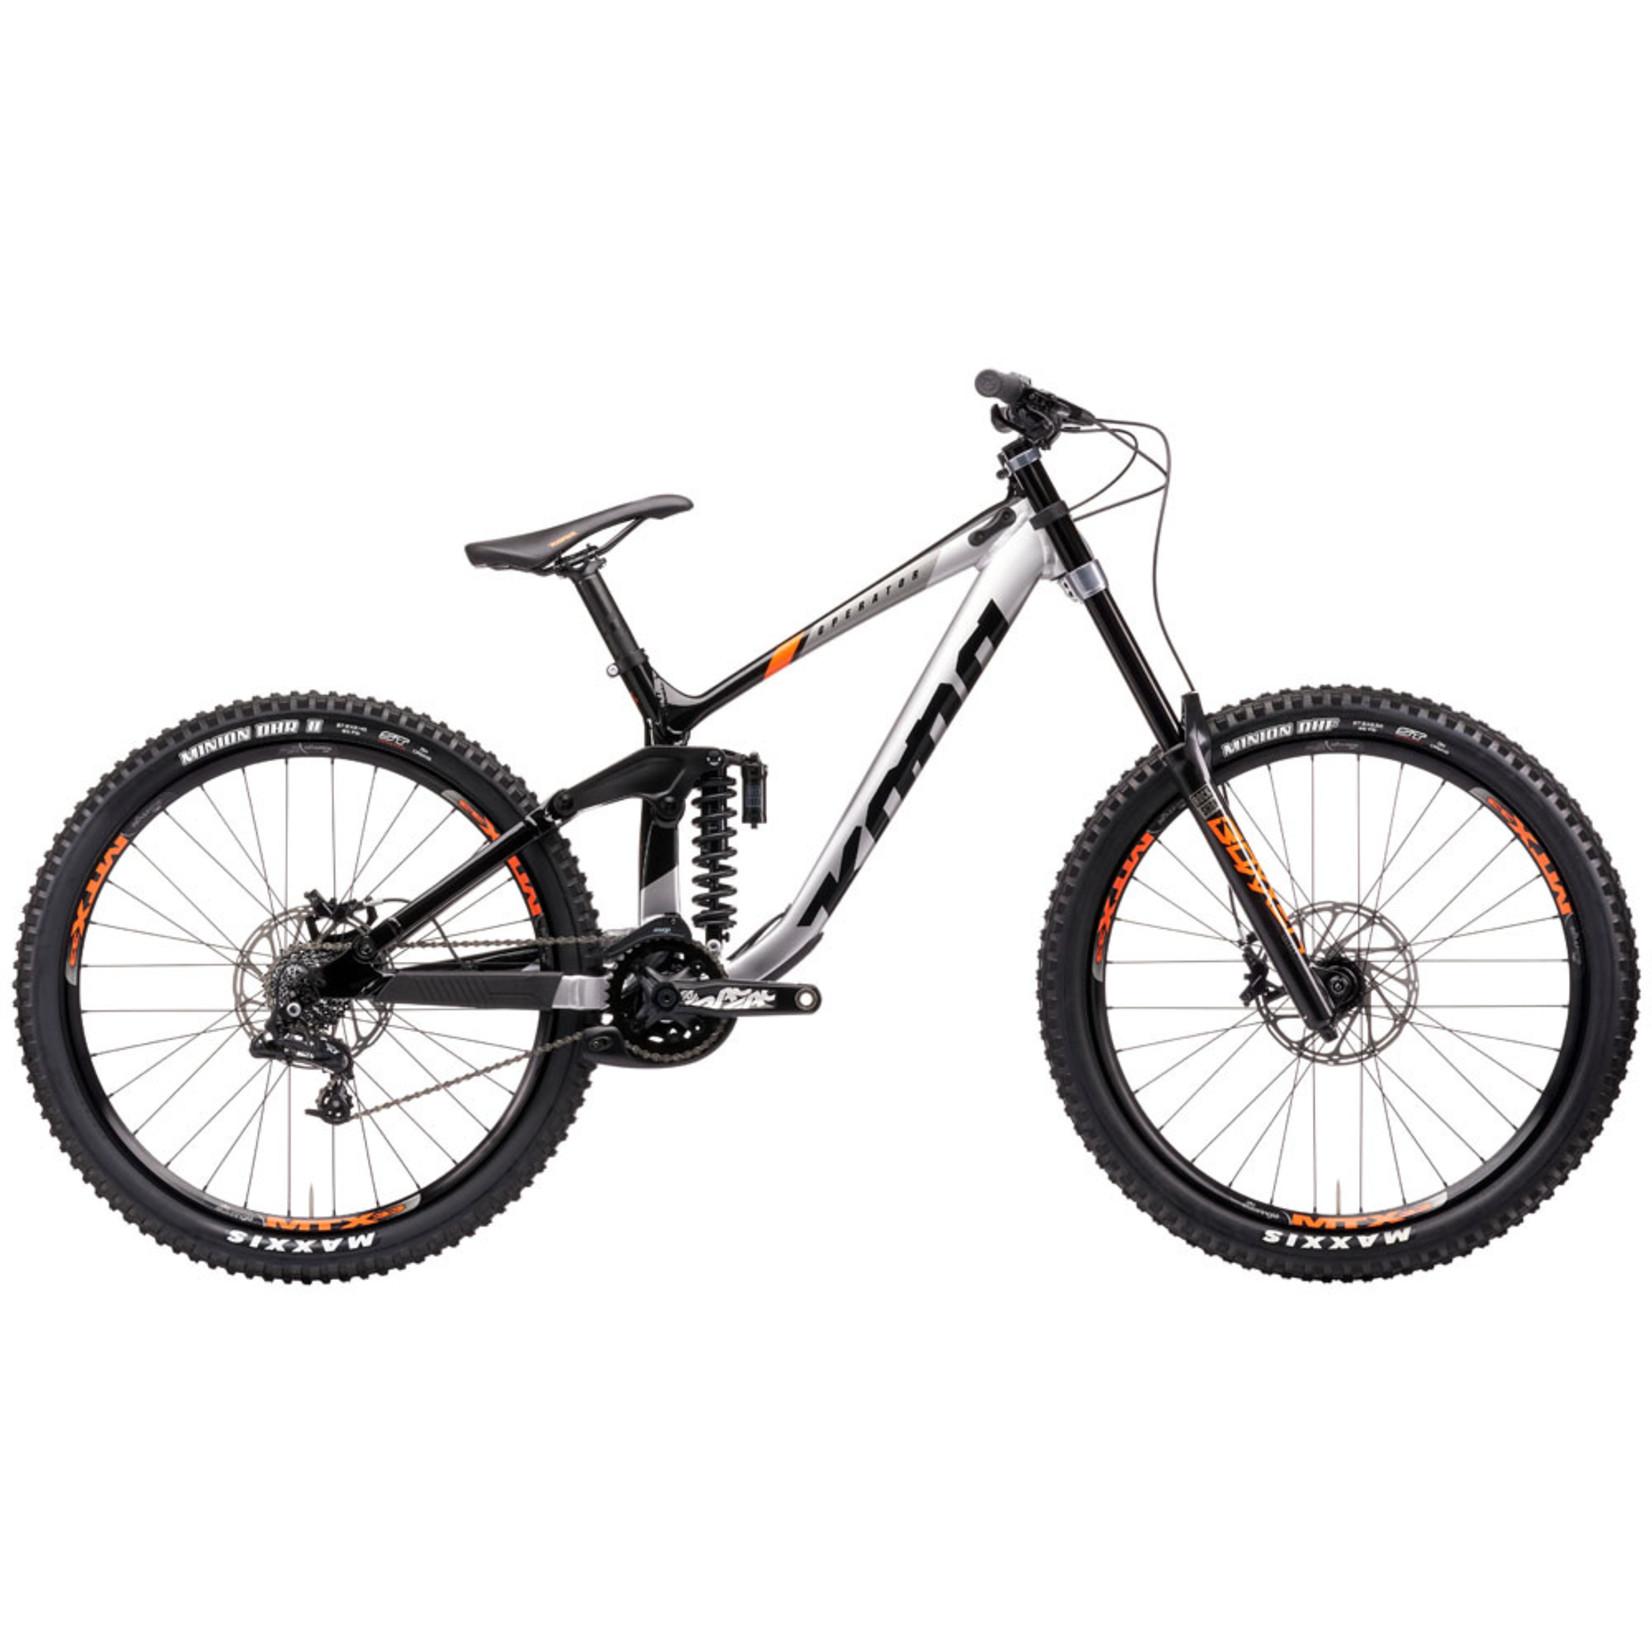 Kona Bikes Operator Aluminum 2021